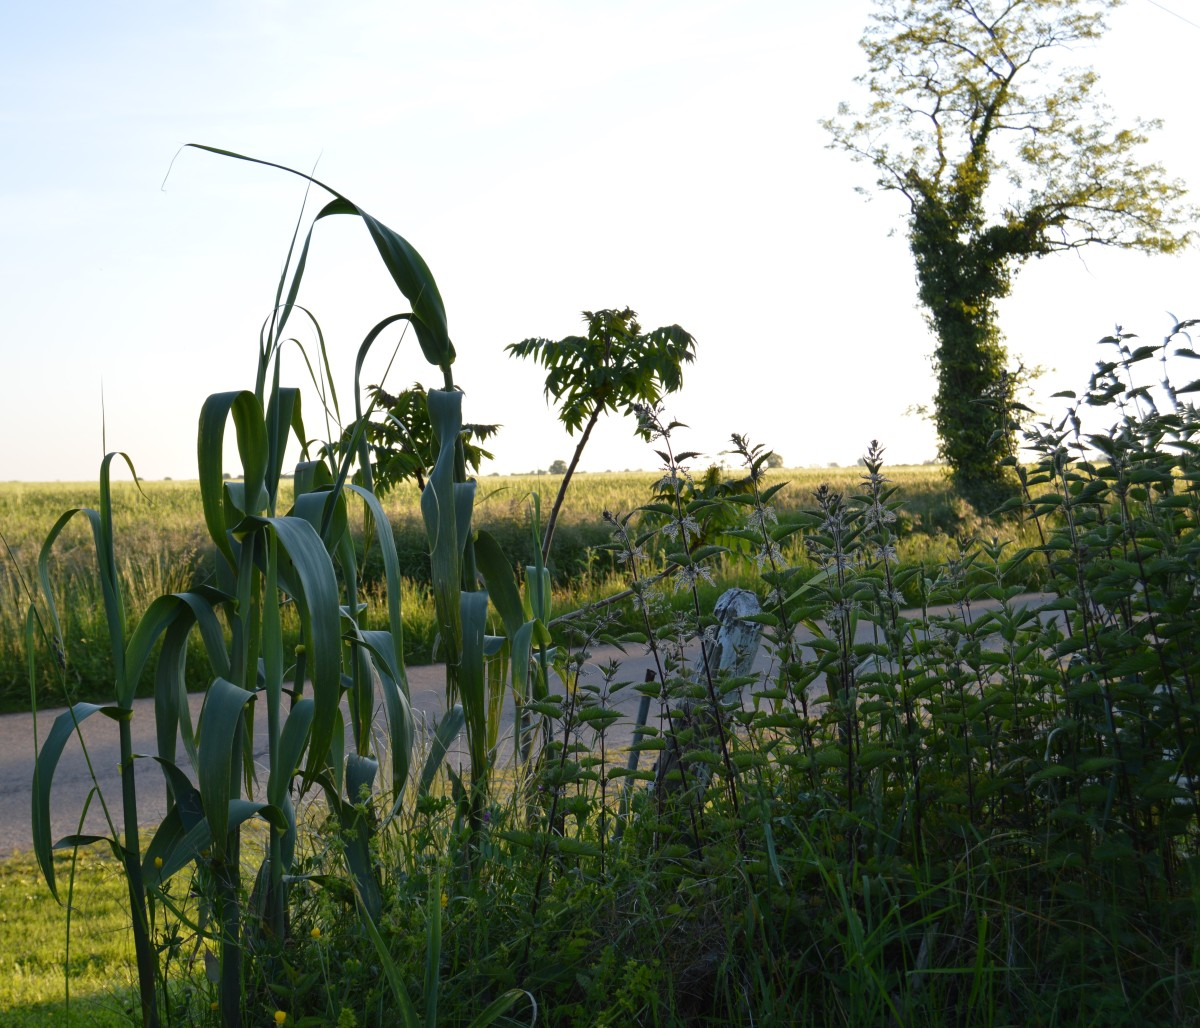 Urtica a gratte a gagne tous les coups jardins non remarquables - Purin d ortie desherbant ...